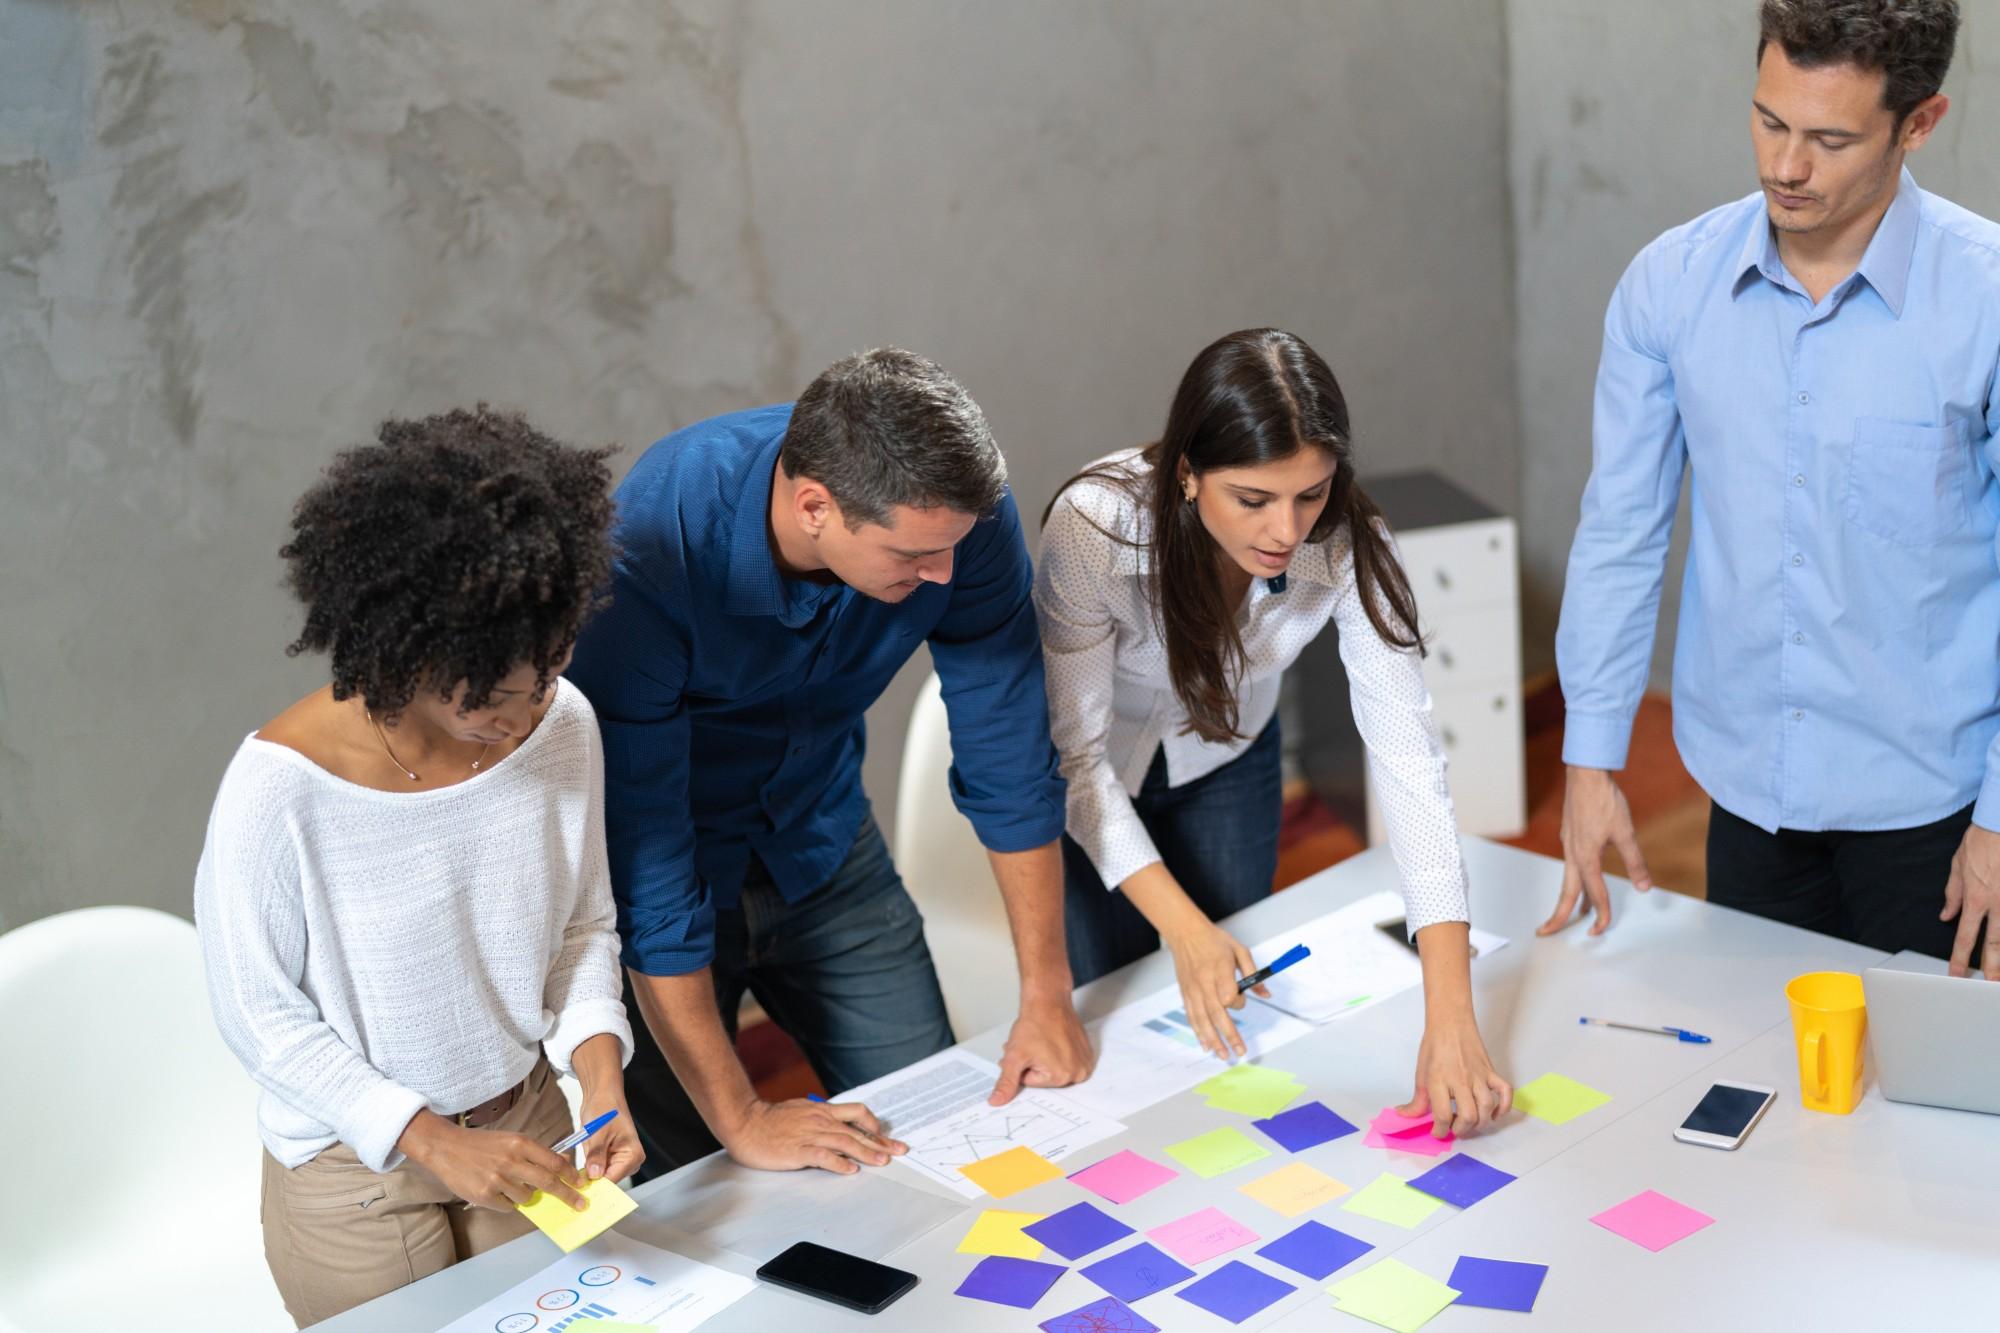 O que é Service Design? Saiba como implementar na empresa